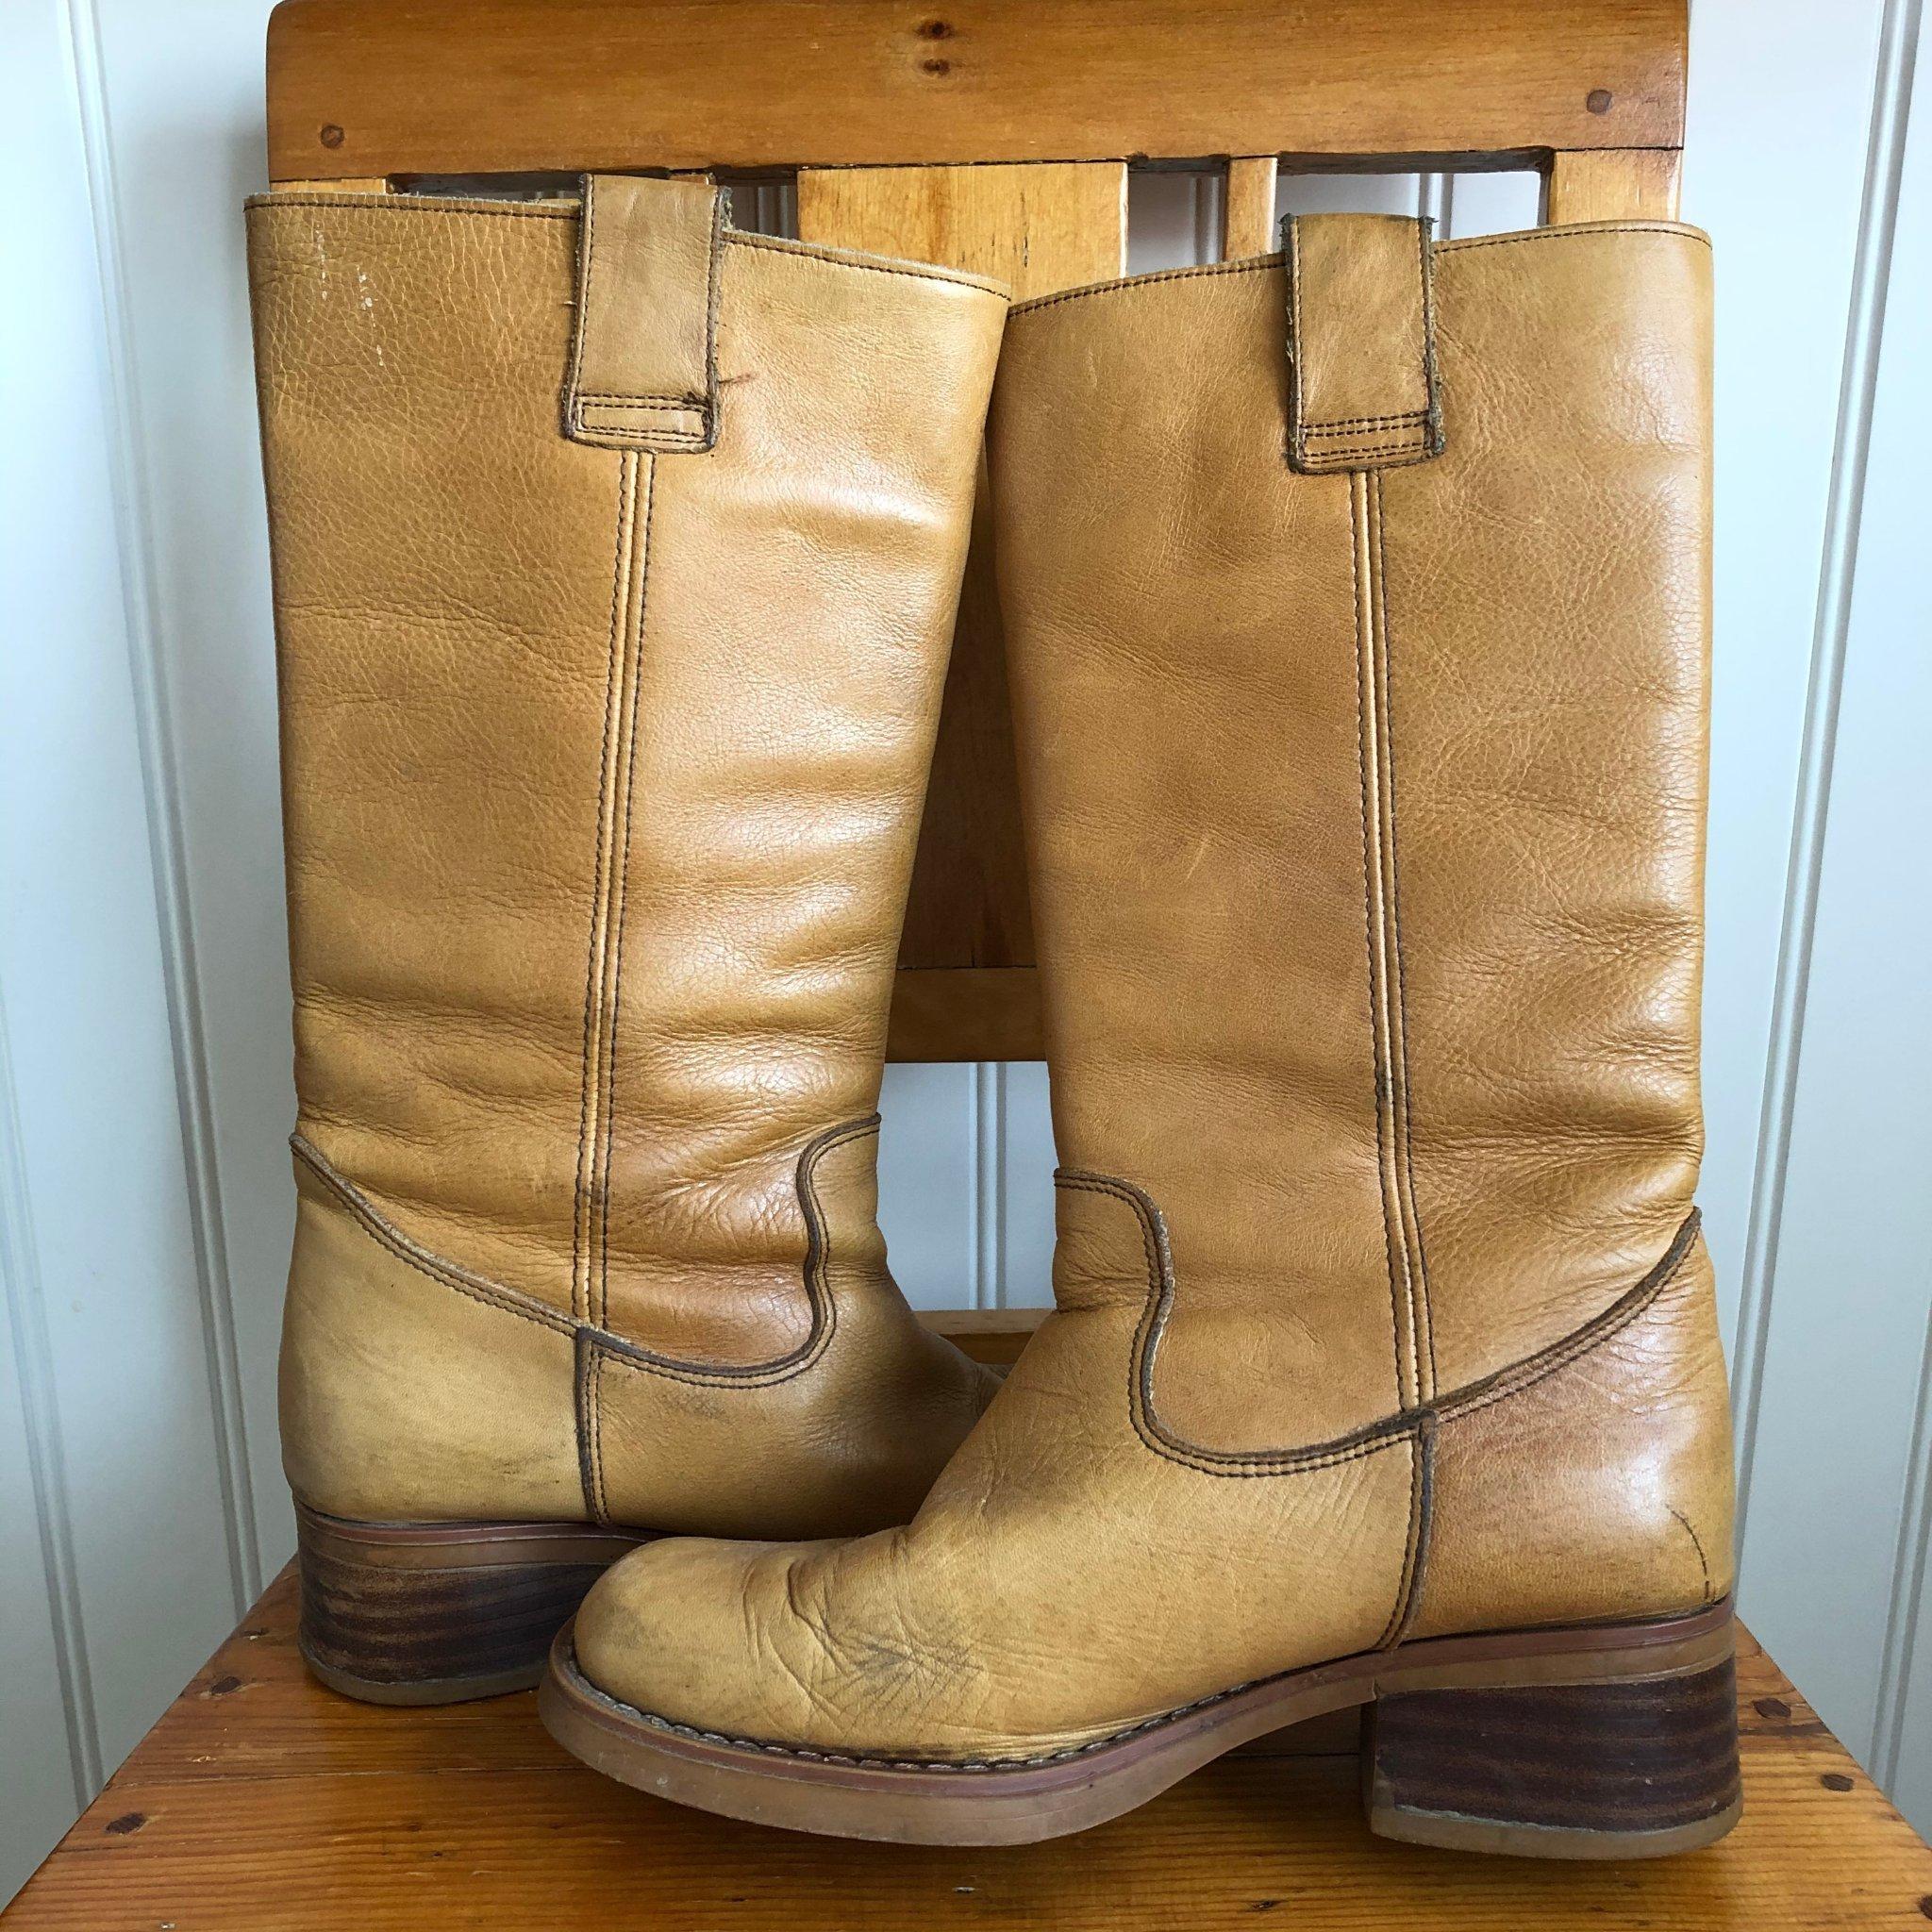 Stövlar Sixtyseven skinn Nilson shoes storlek 37 (396523203